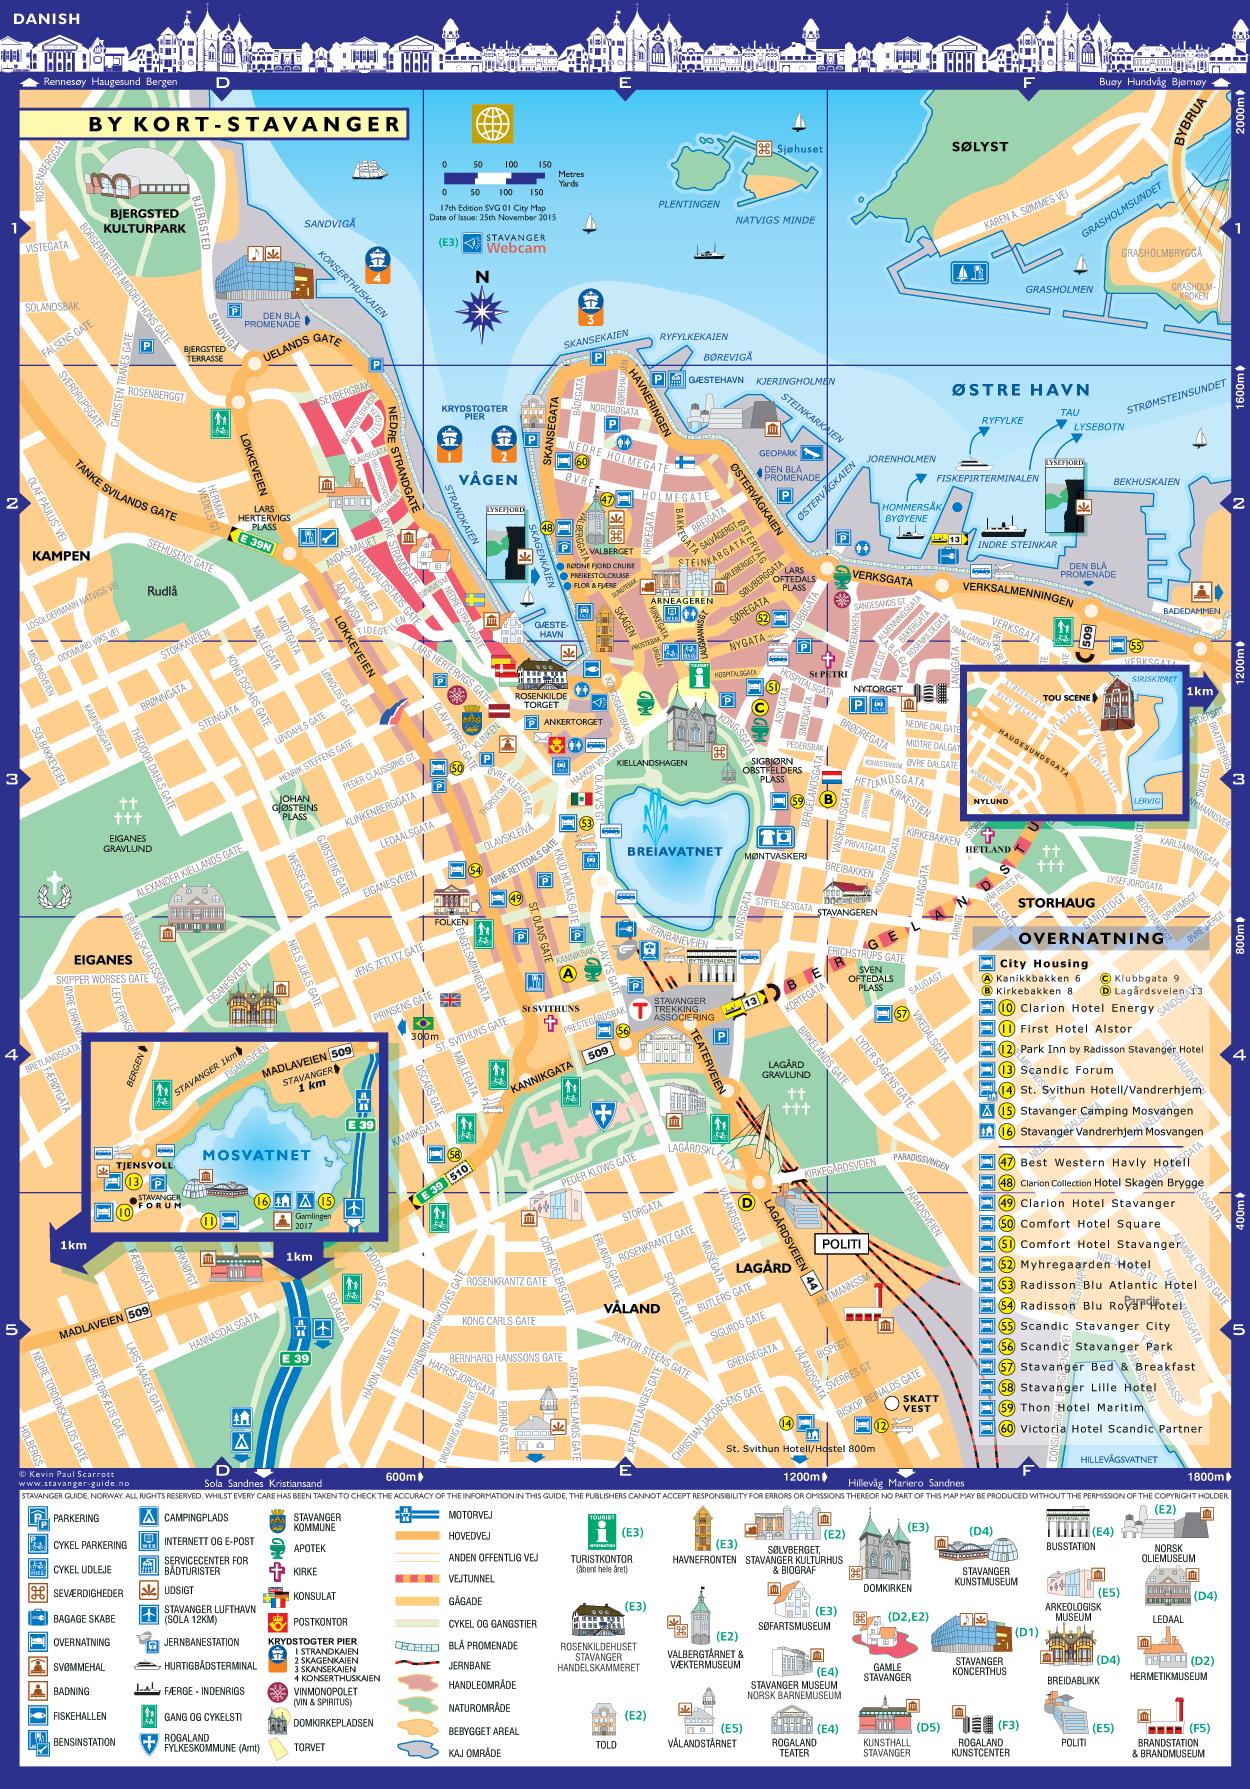 Stavanger by kort